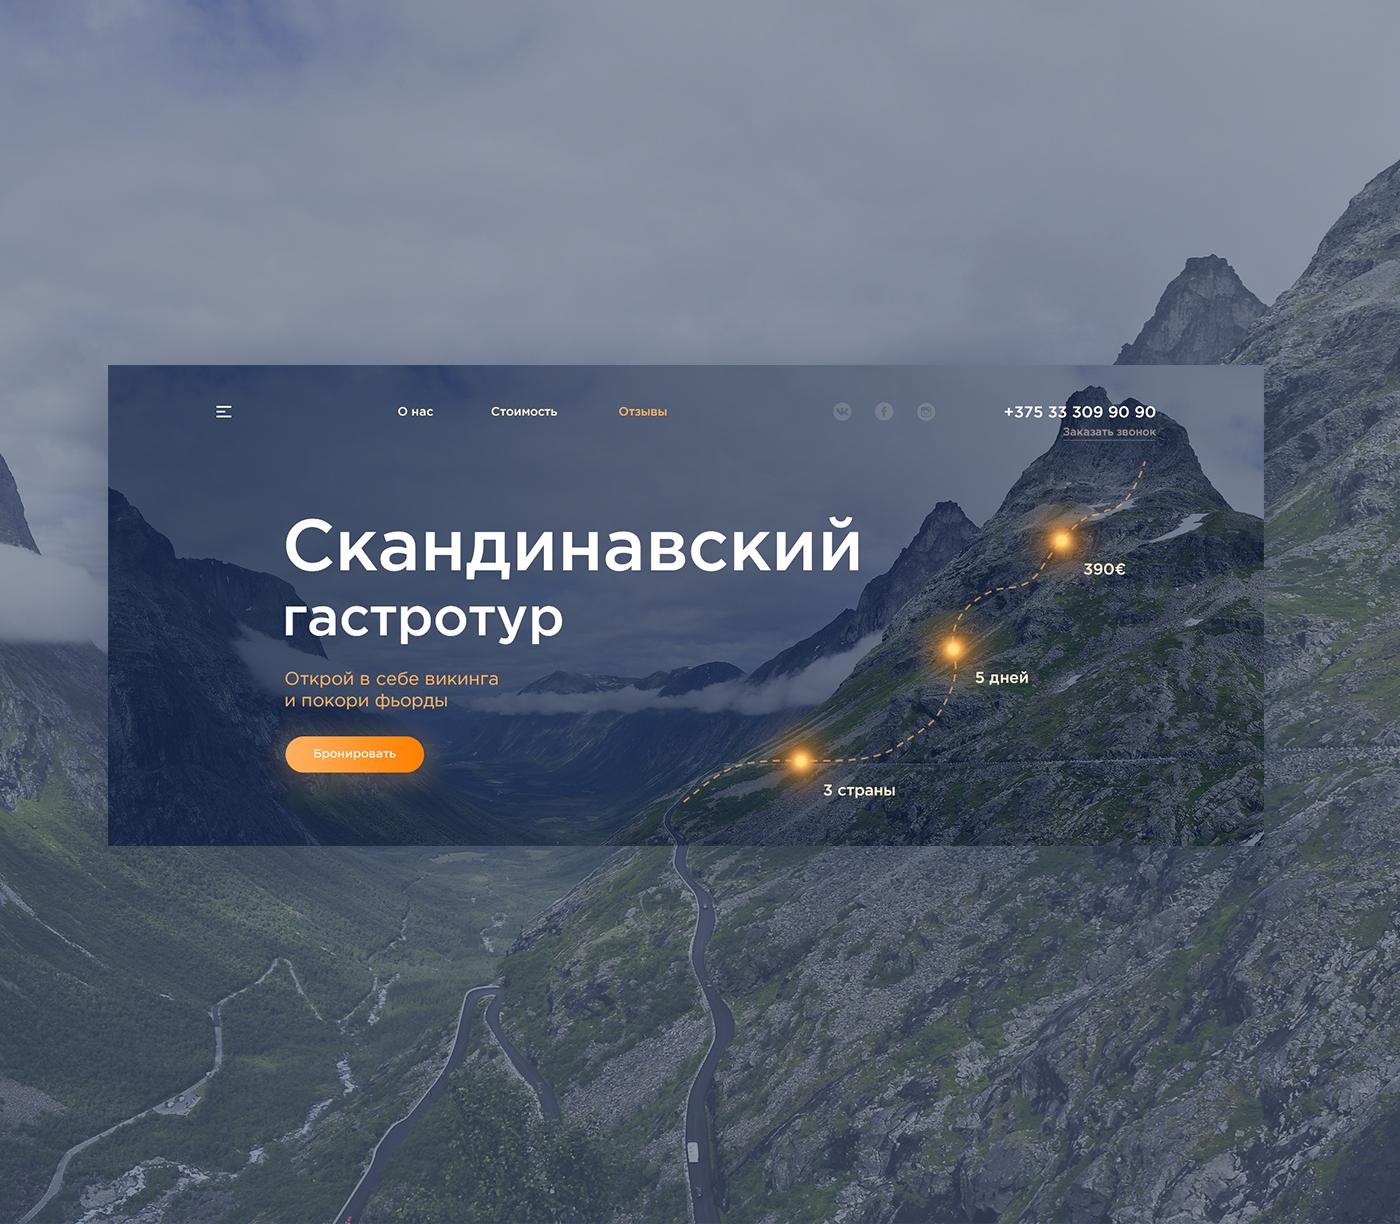 Web-дизайн, UX/UI дизайн, веб-дизайн в Москве 89640517502 купить 1